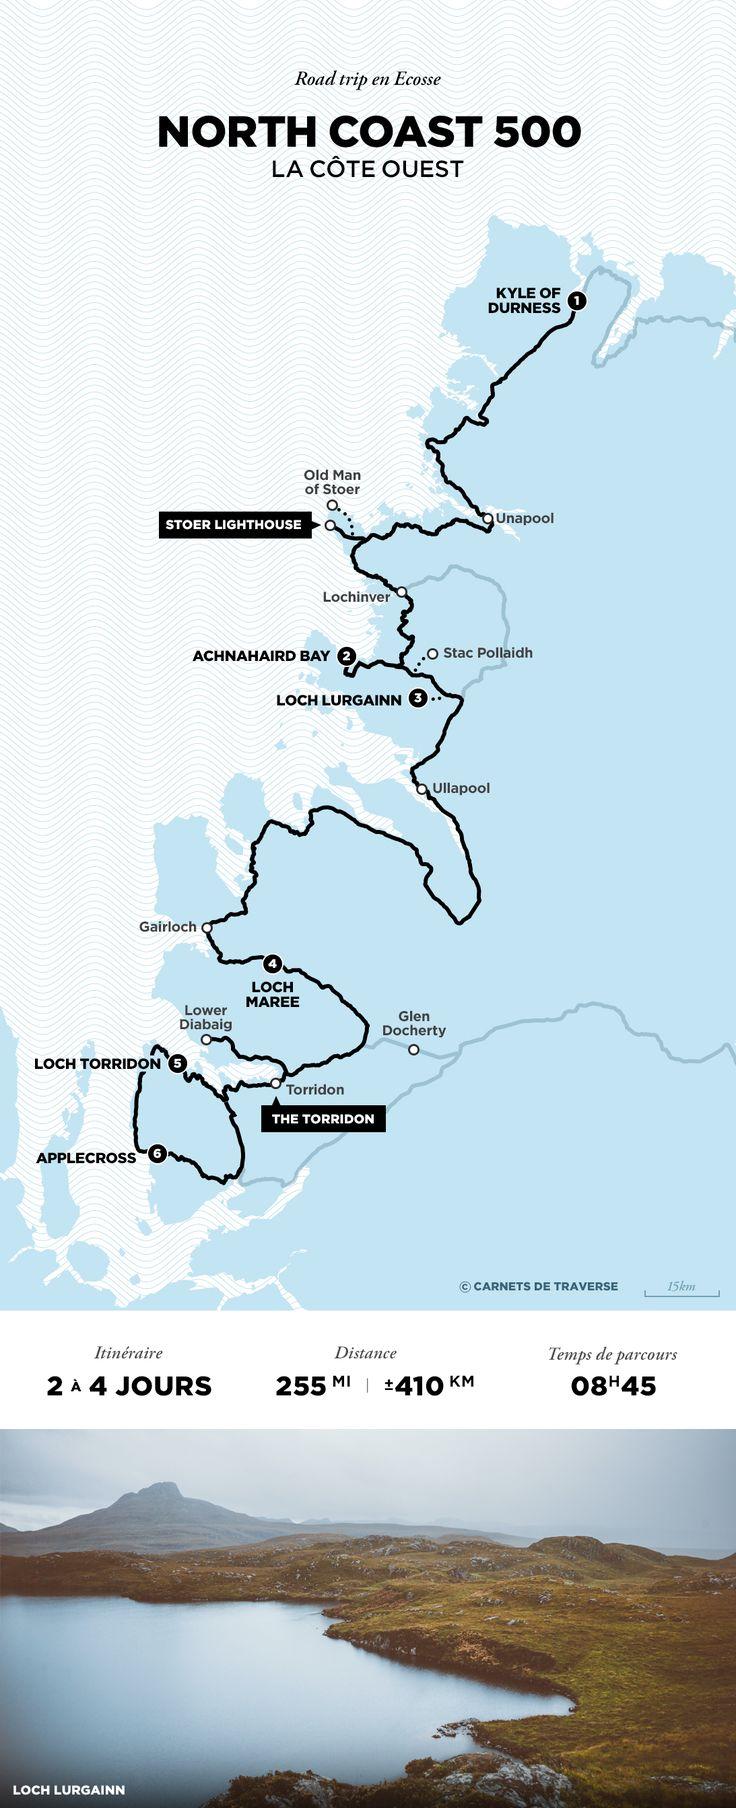 Carte de la North Coast 500 - Road trip Ecosse